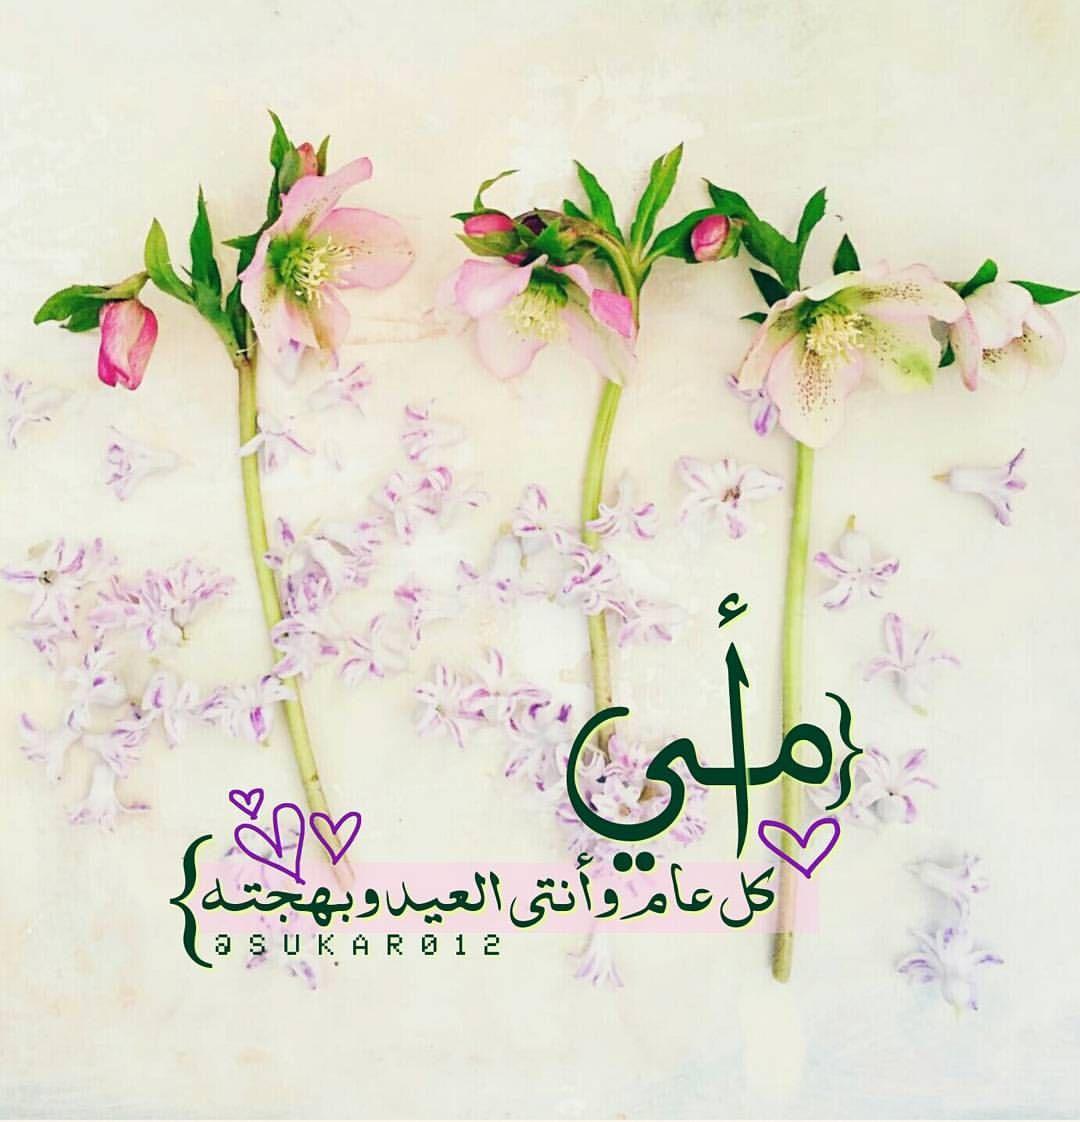 أمي كل عام وأنتي العيد وبهجته عيد أمي Eid Greetings Eid Cards Happy Eid